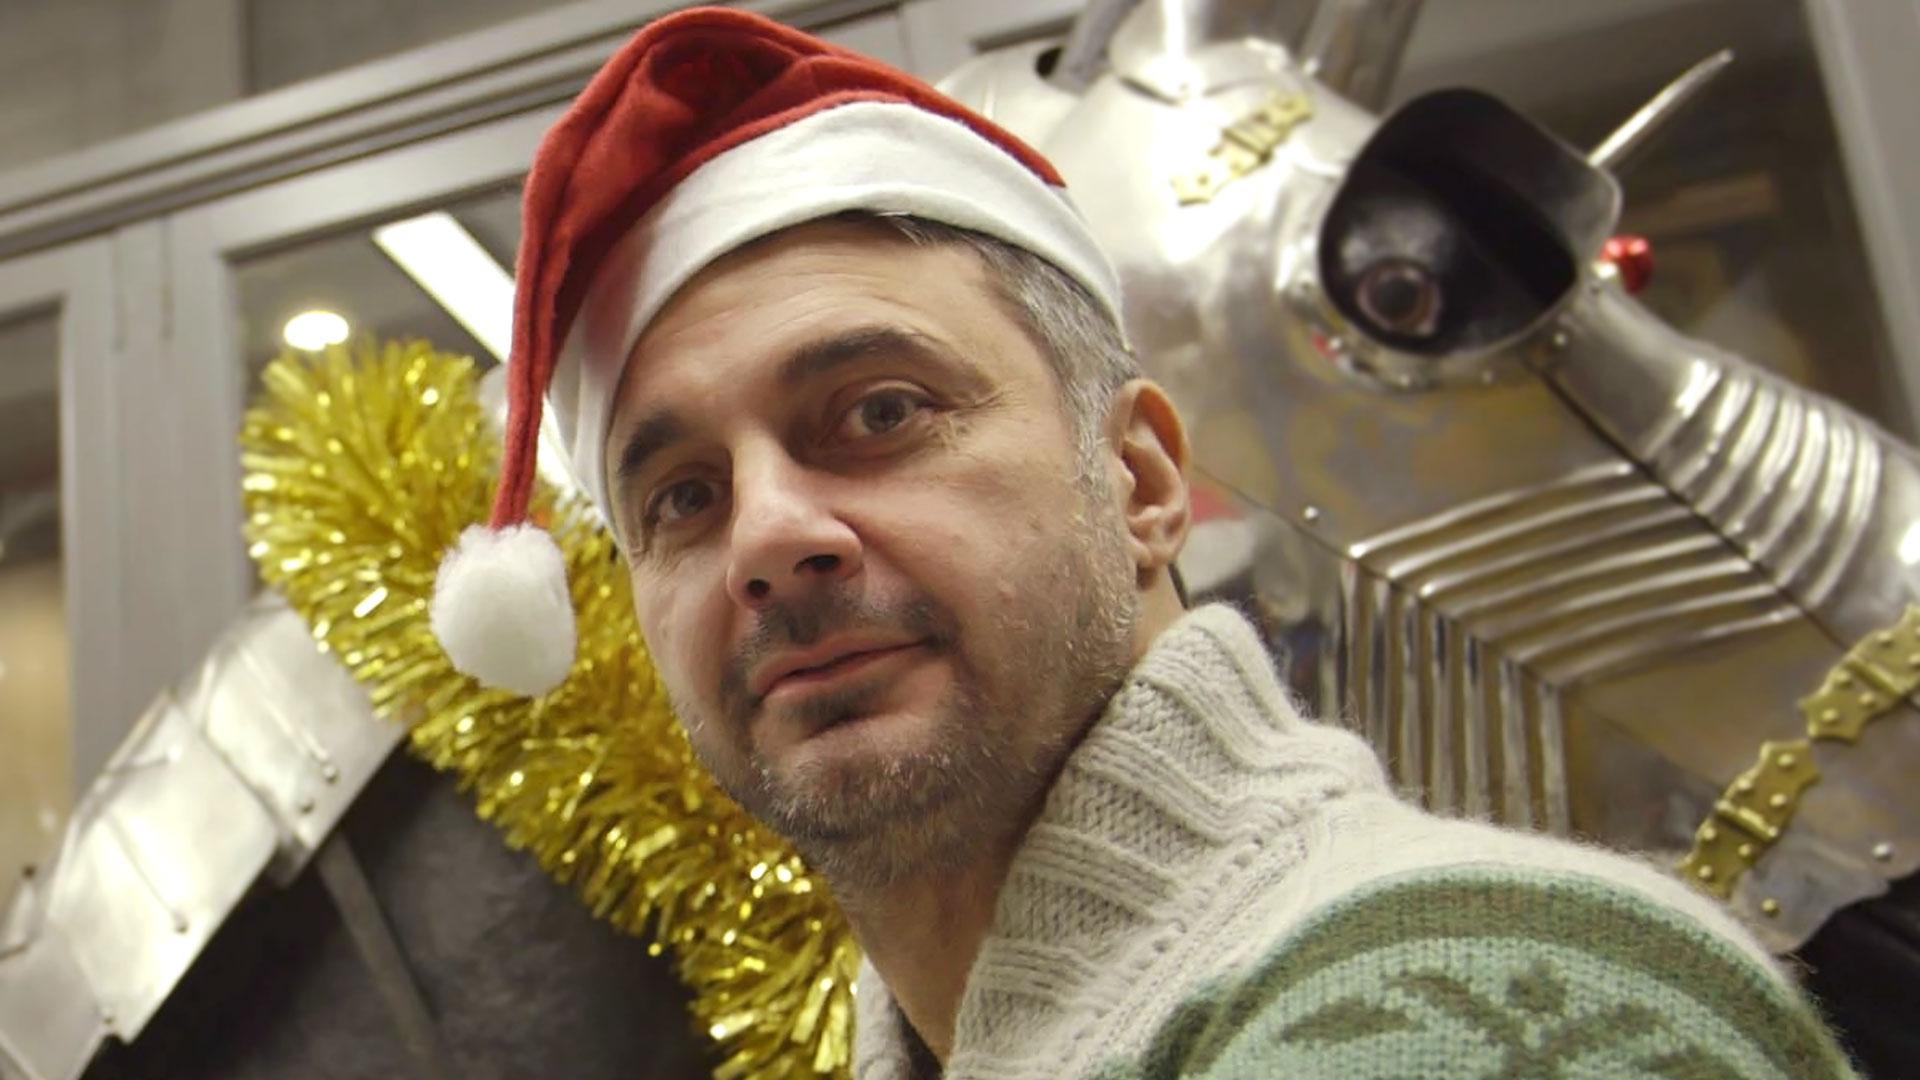 Posh Pawn at Christmas